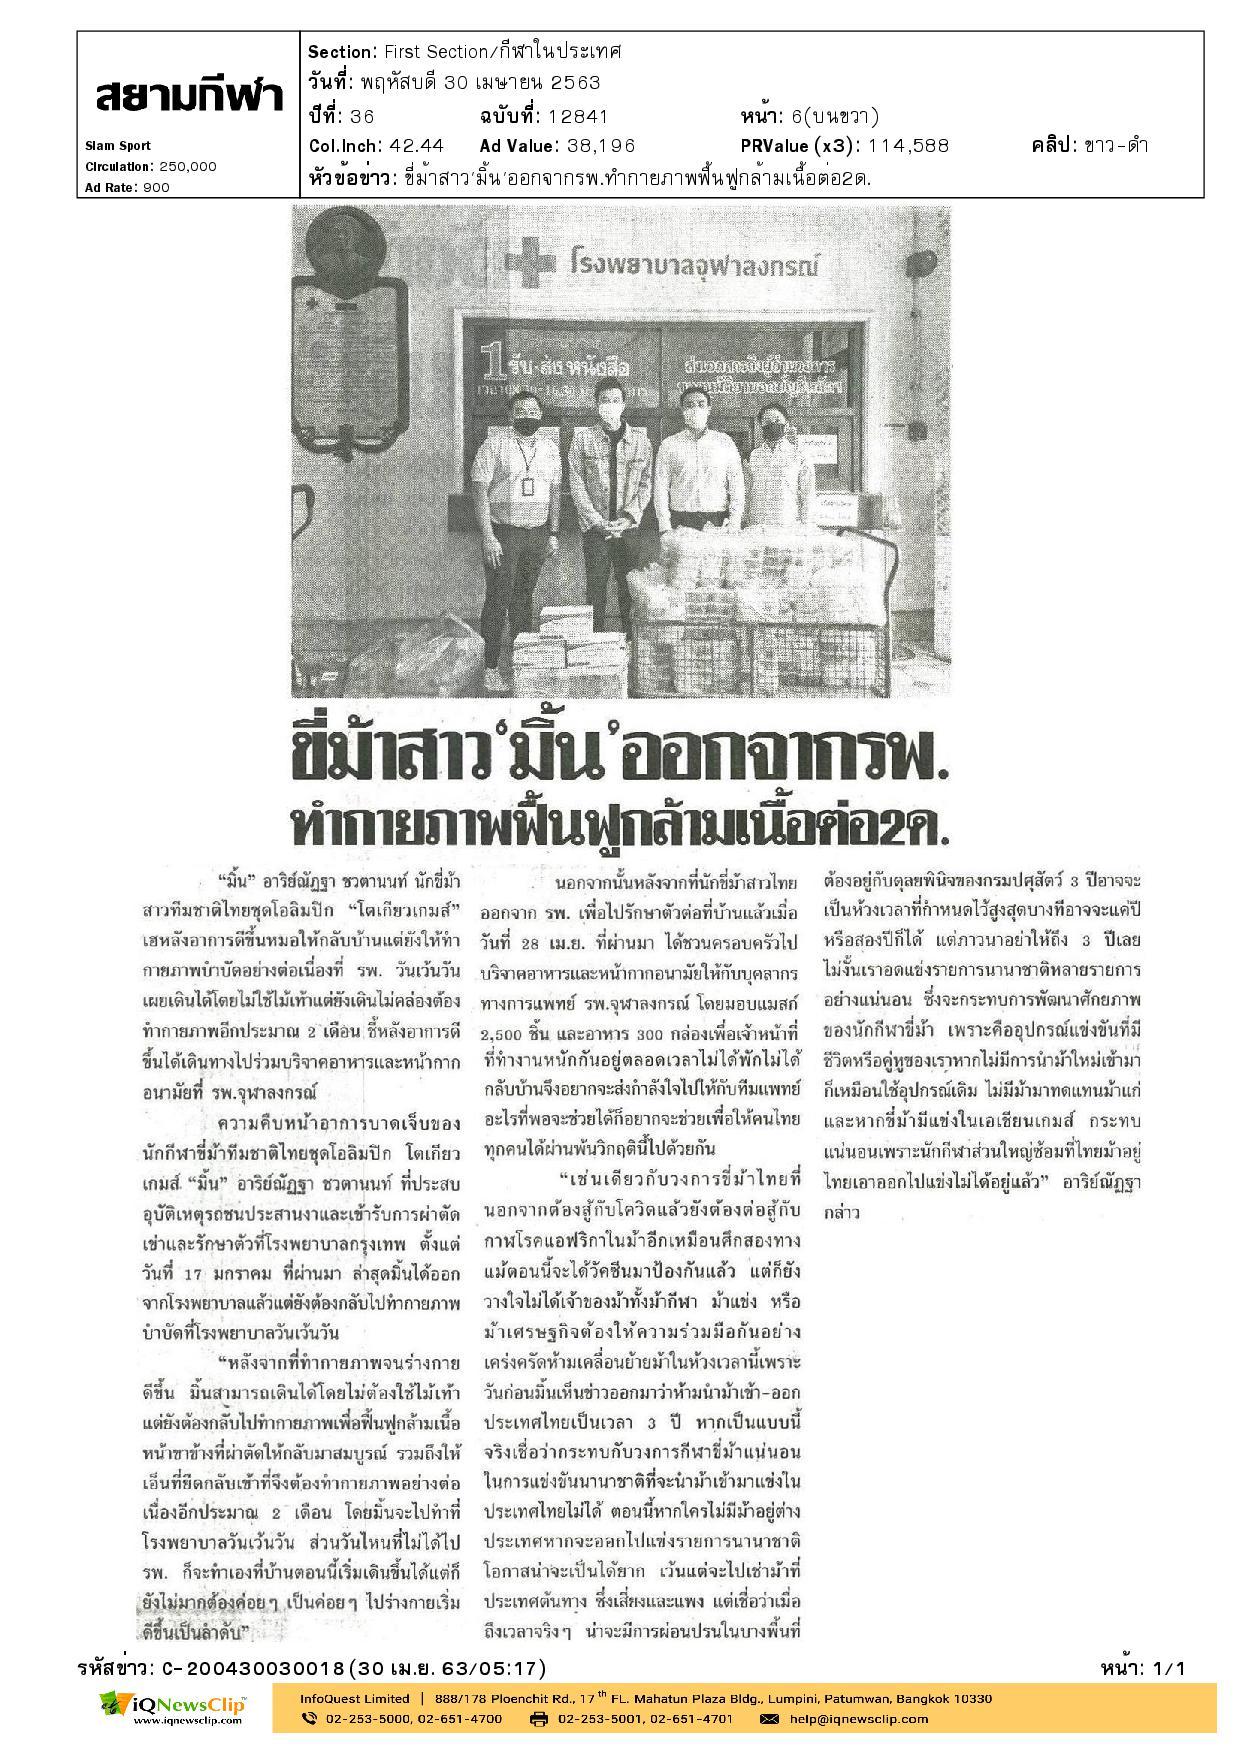 นักขี่ม้าทีมชาติไทย มอบอาหารและหน้ากากอนามัย ให้ รพ. จุฬาฯ